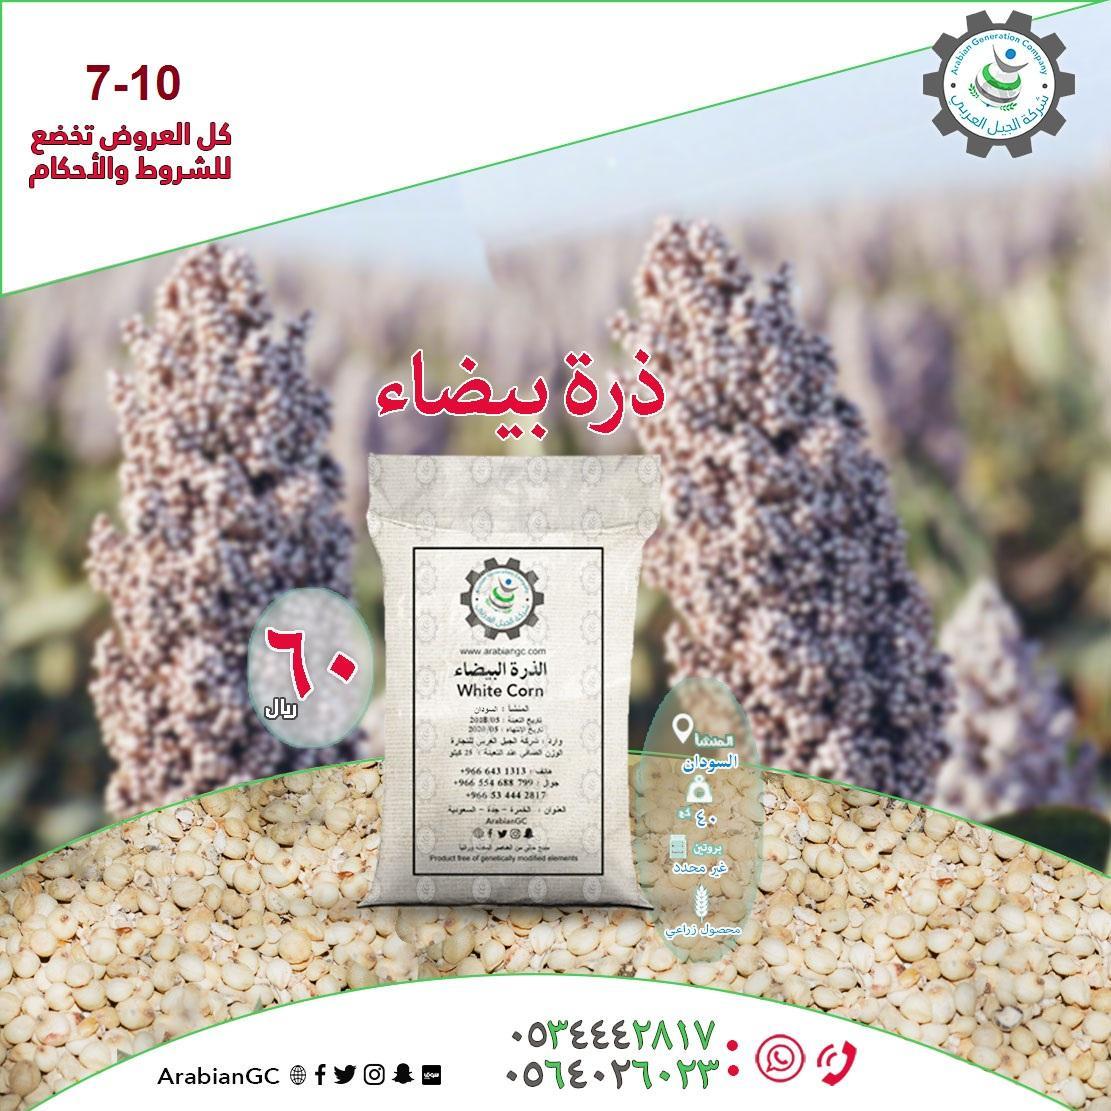 أعلاف محاصيل للبيع شركة الجيل d.php?hash=NRN4B26TQ